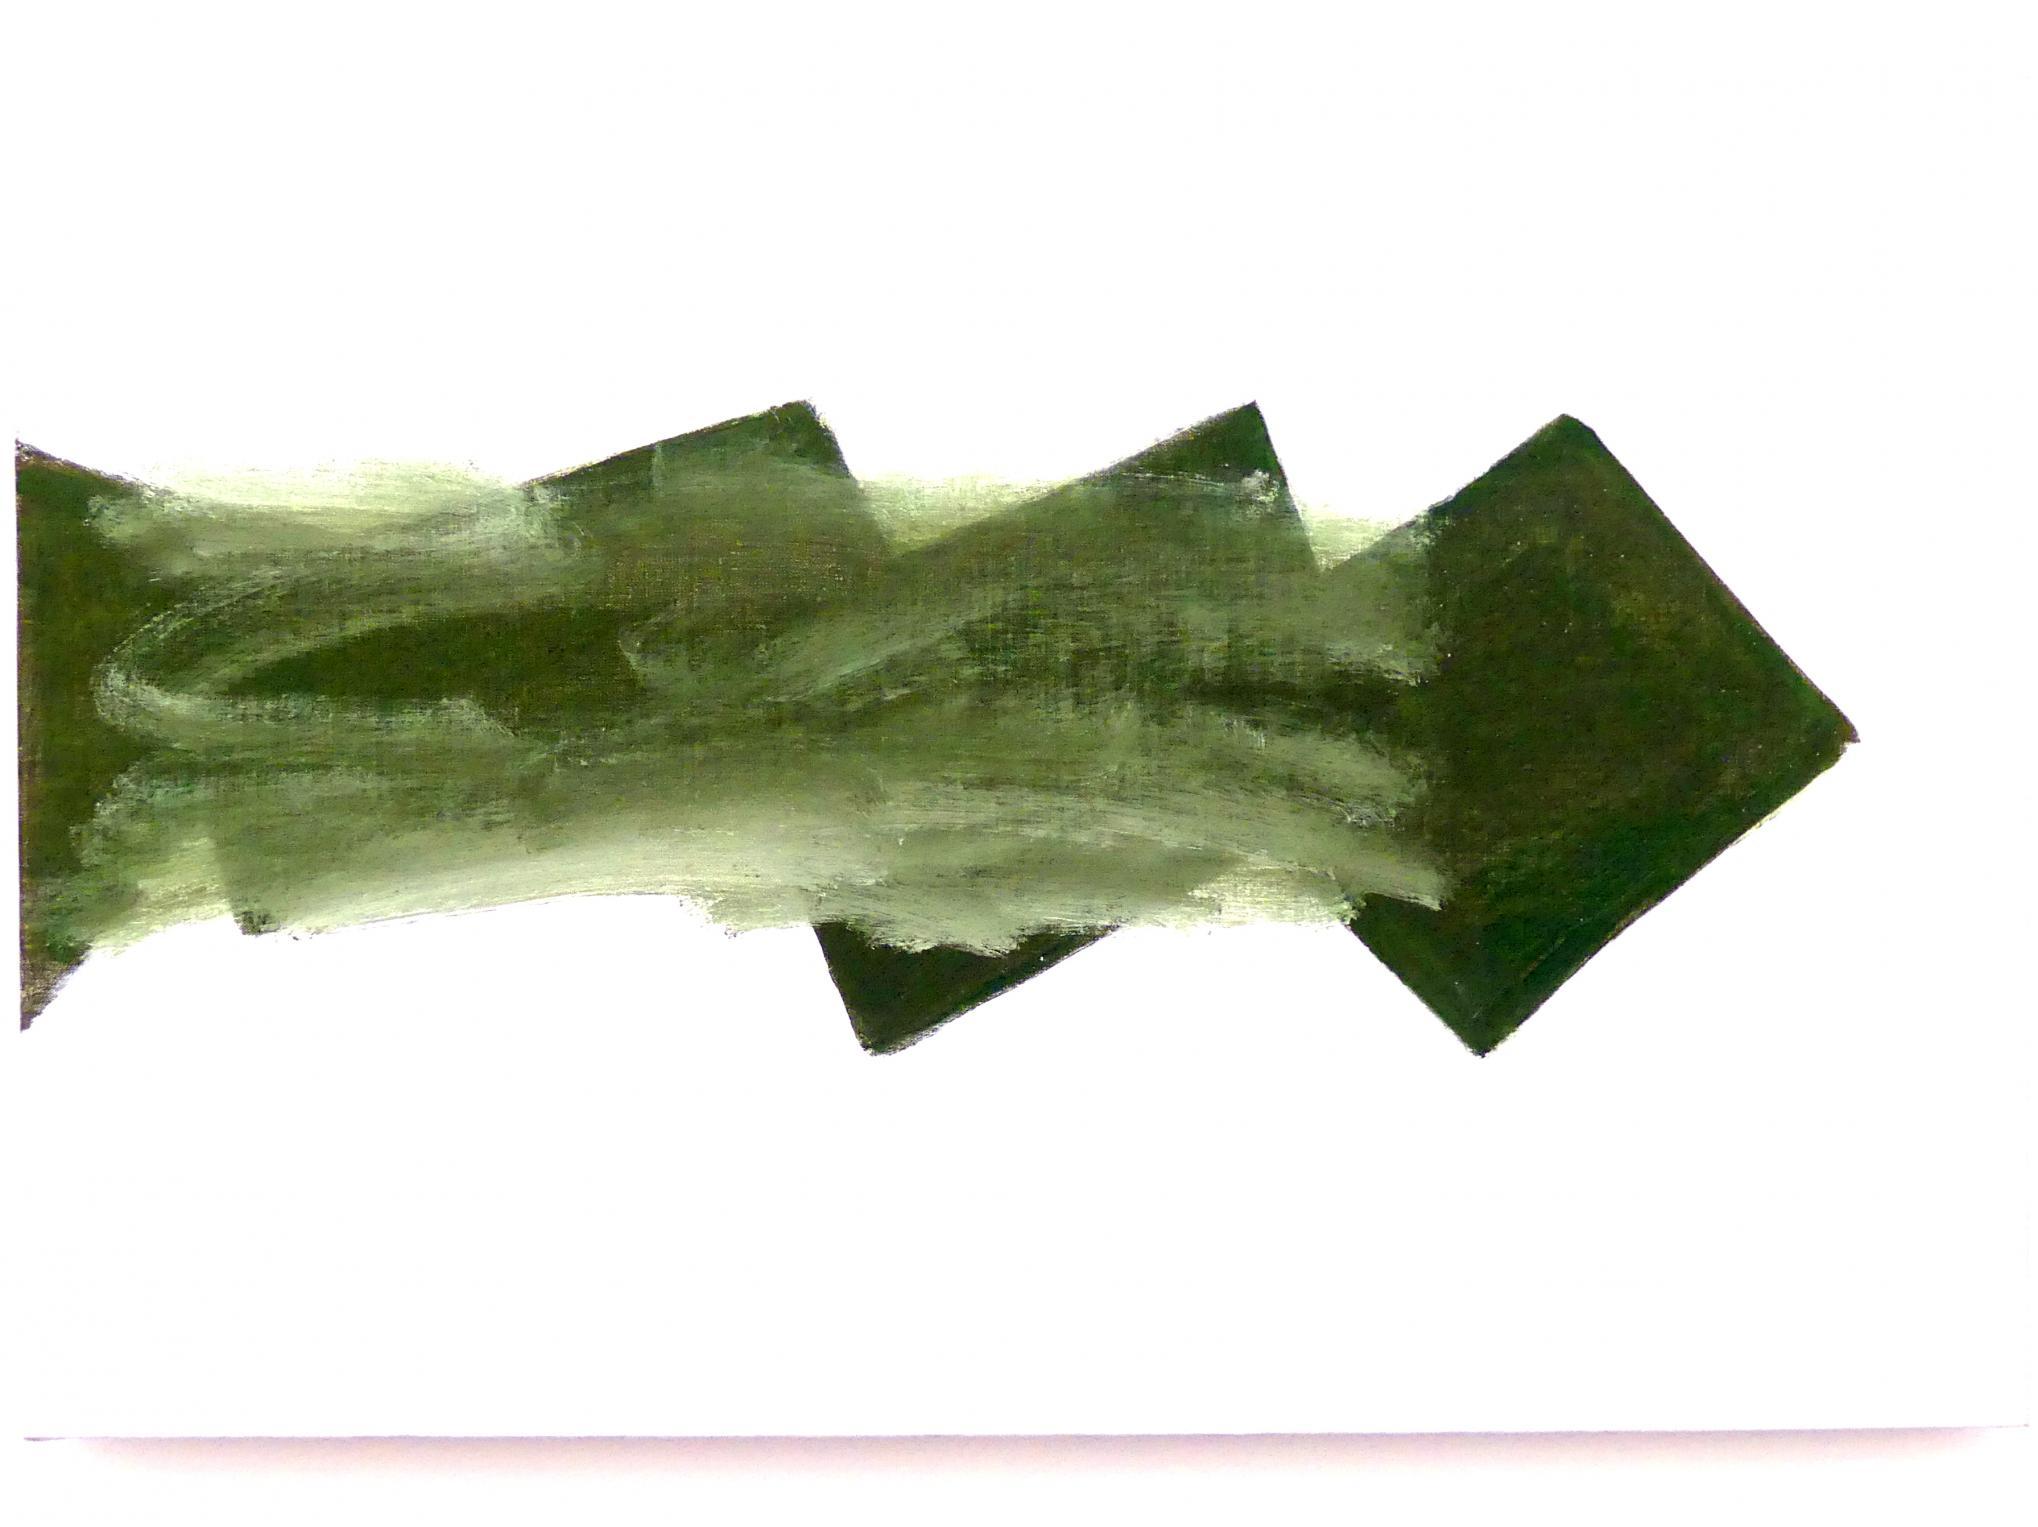 Raoul De Keyser: Untitled (Speed), 1995